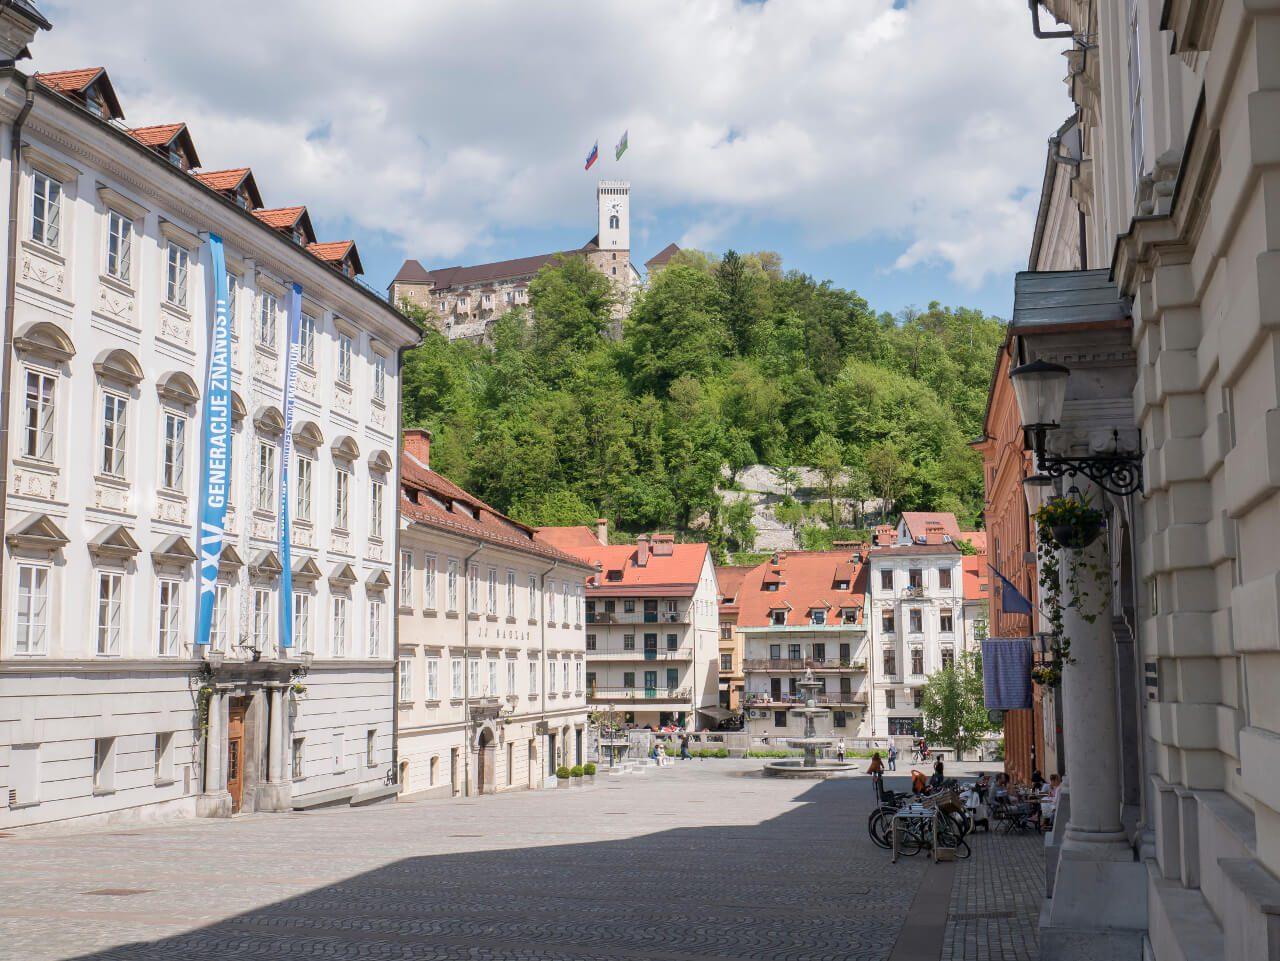 Zamek w Lublanie widziany z poziomu miasta